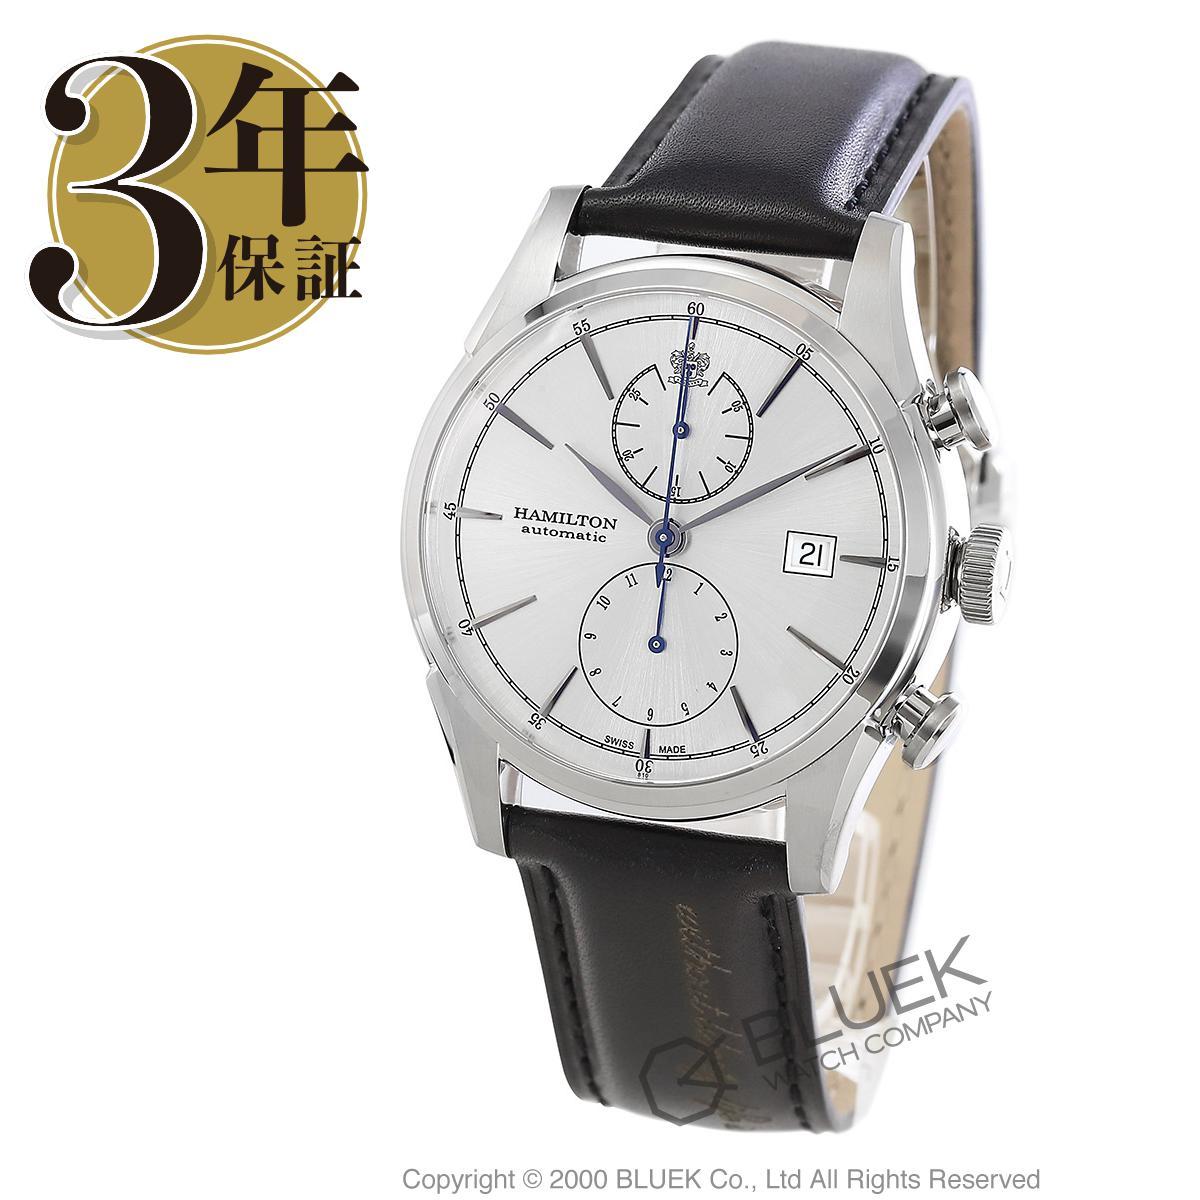 ハミルトン ジャズマスター スピリット オブ リバティ クロノグラフ 腕時計 メンズ HAMILTON H32416781_8